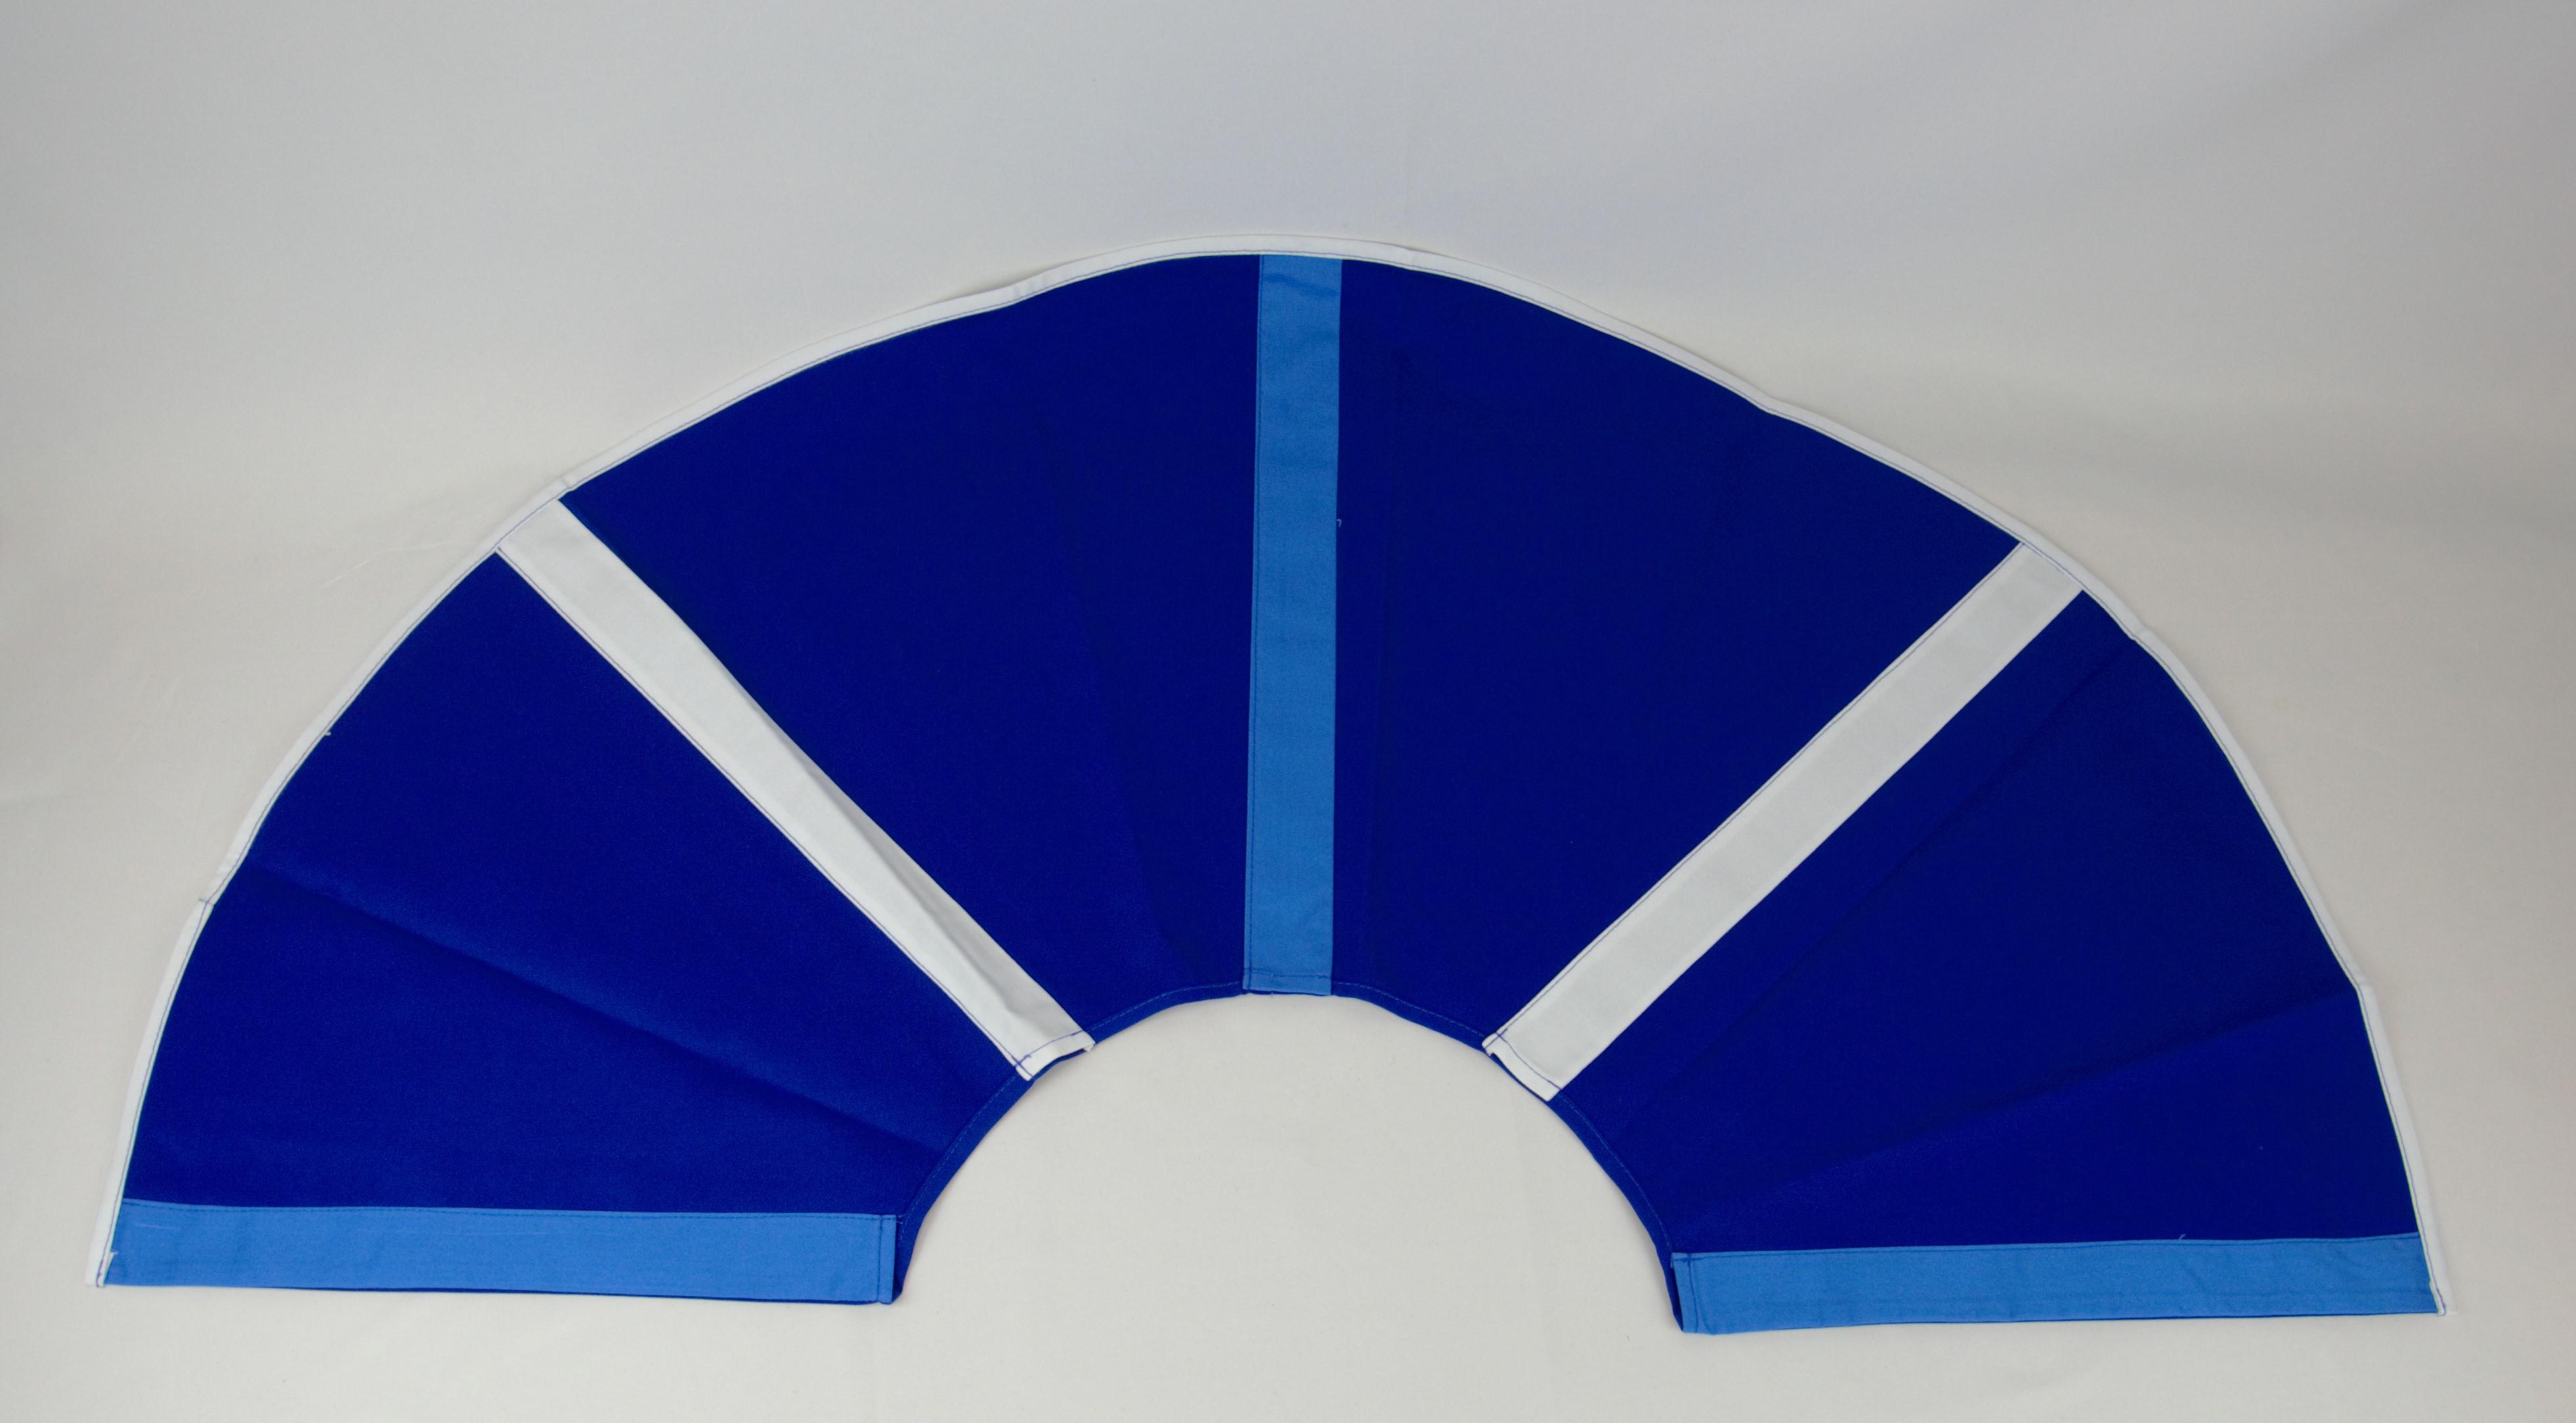 003-ES-AFS-BHBW   Ersatzstoff Aufgussfächer STANDARD Blau-Hellblau-Weiß